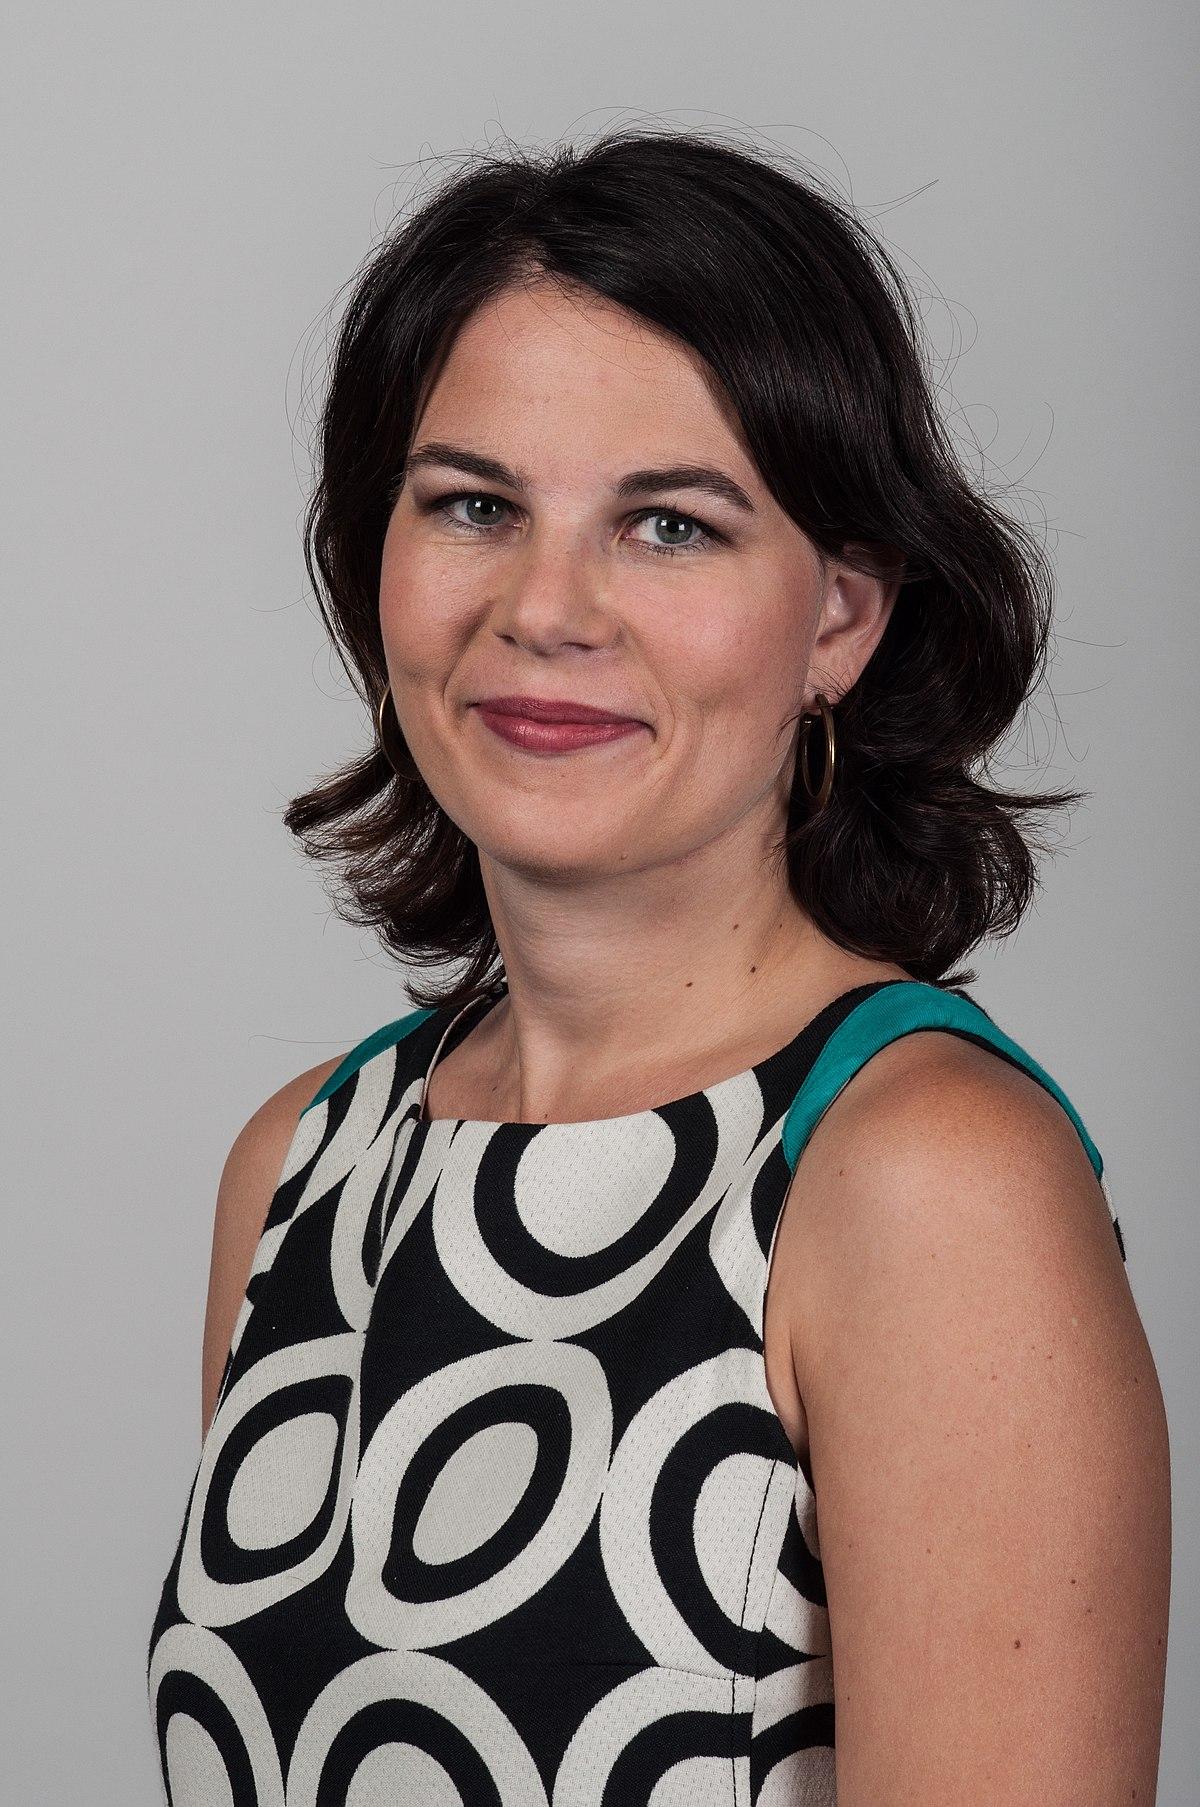 Annalena Baerbock Wikip 233 Dia